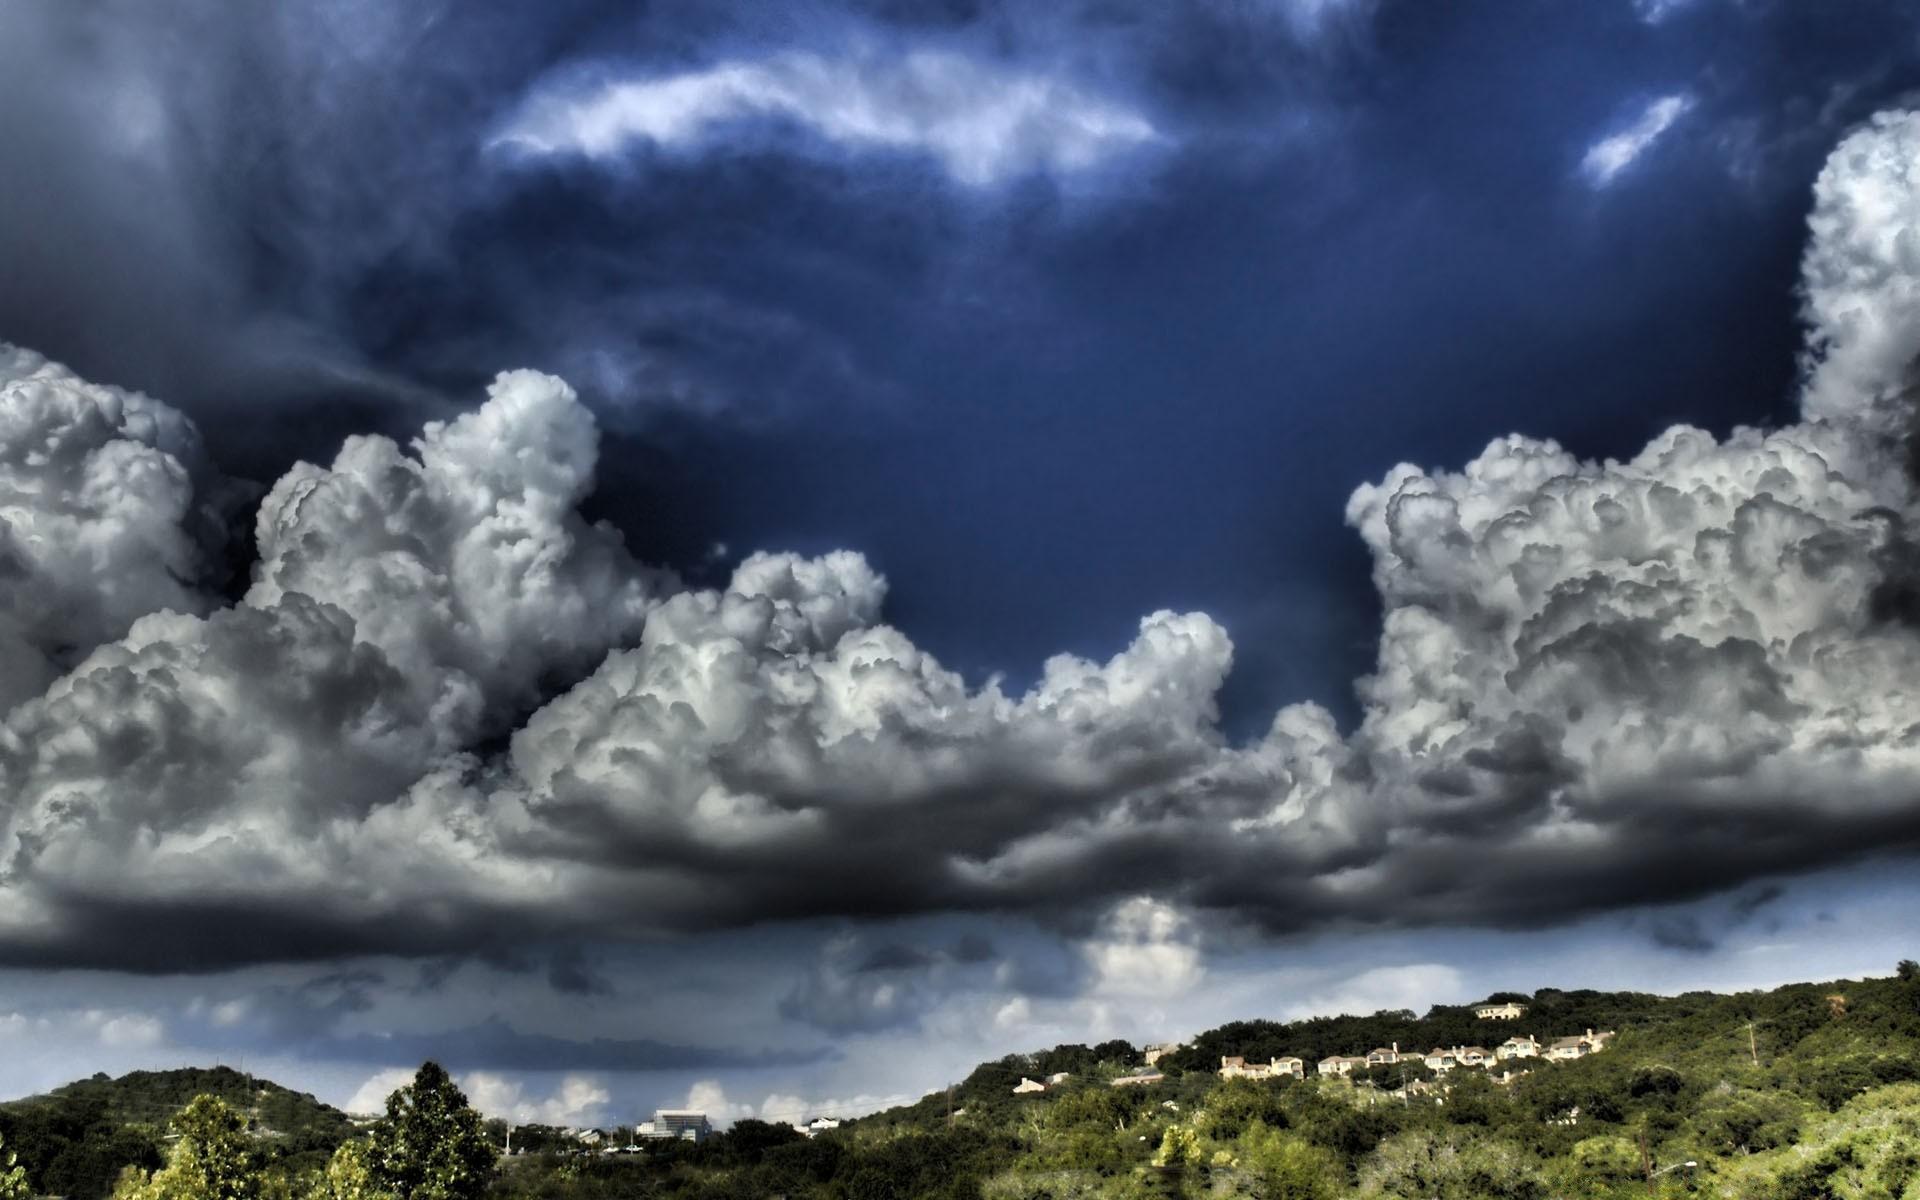 цепляются главные сделать фото на фоне облаков туристическая инфраструктура